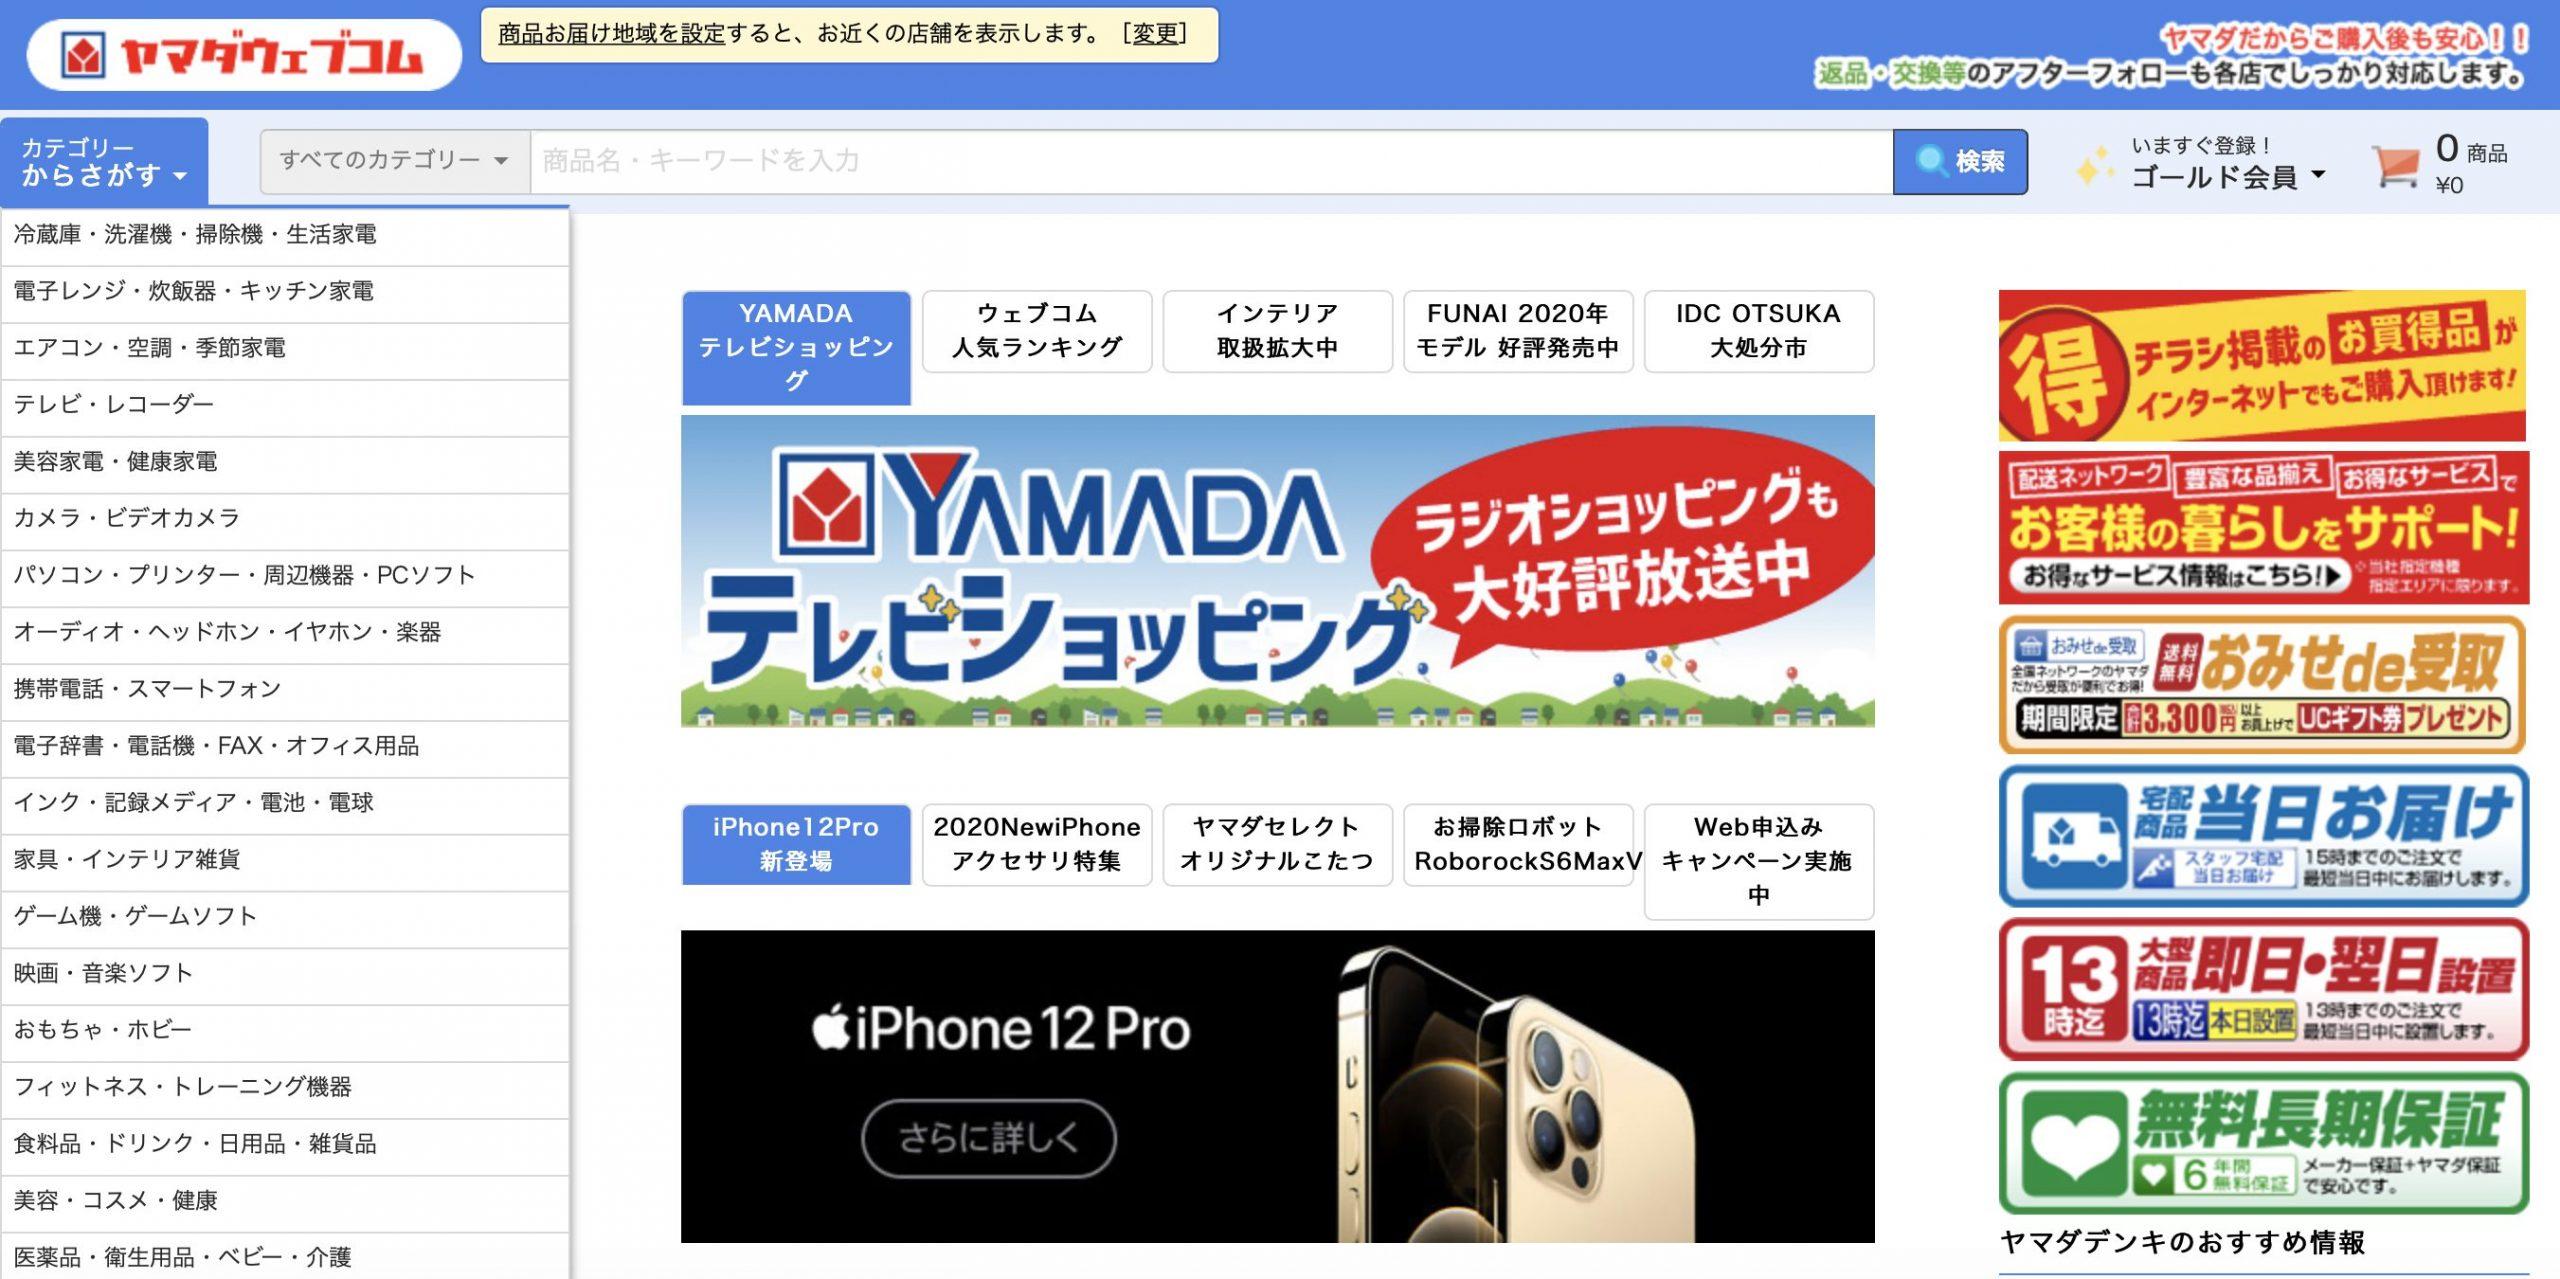 ヤマダ電機 iPhone12